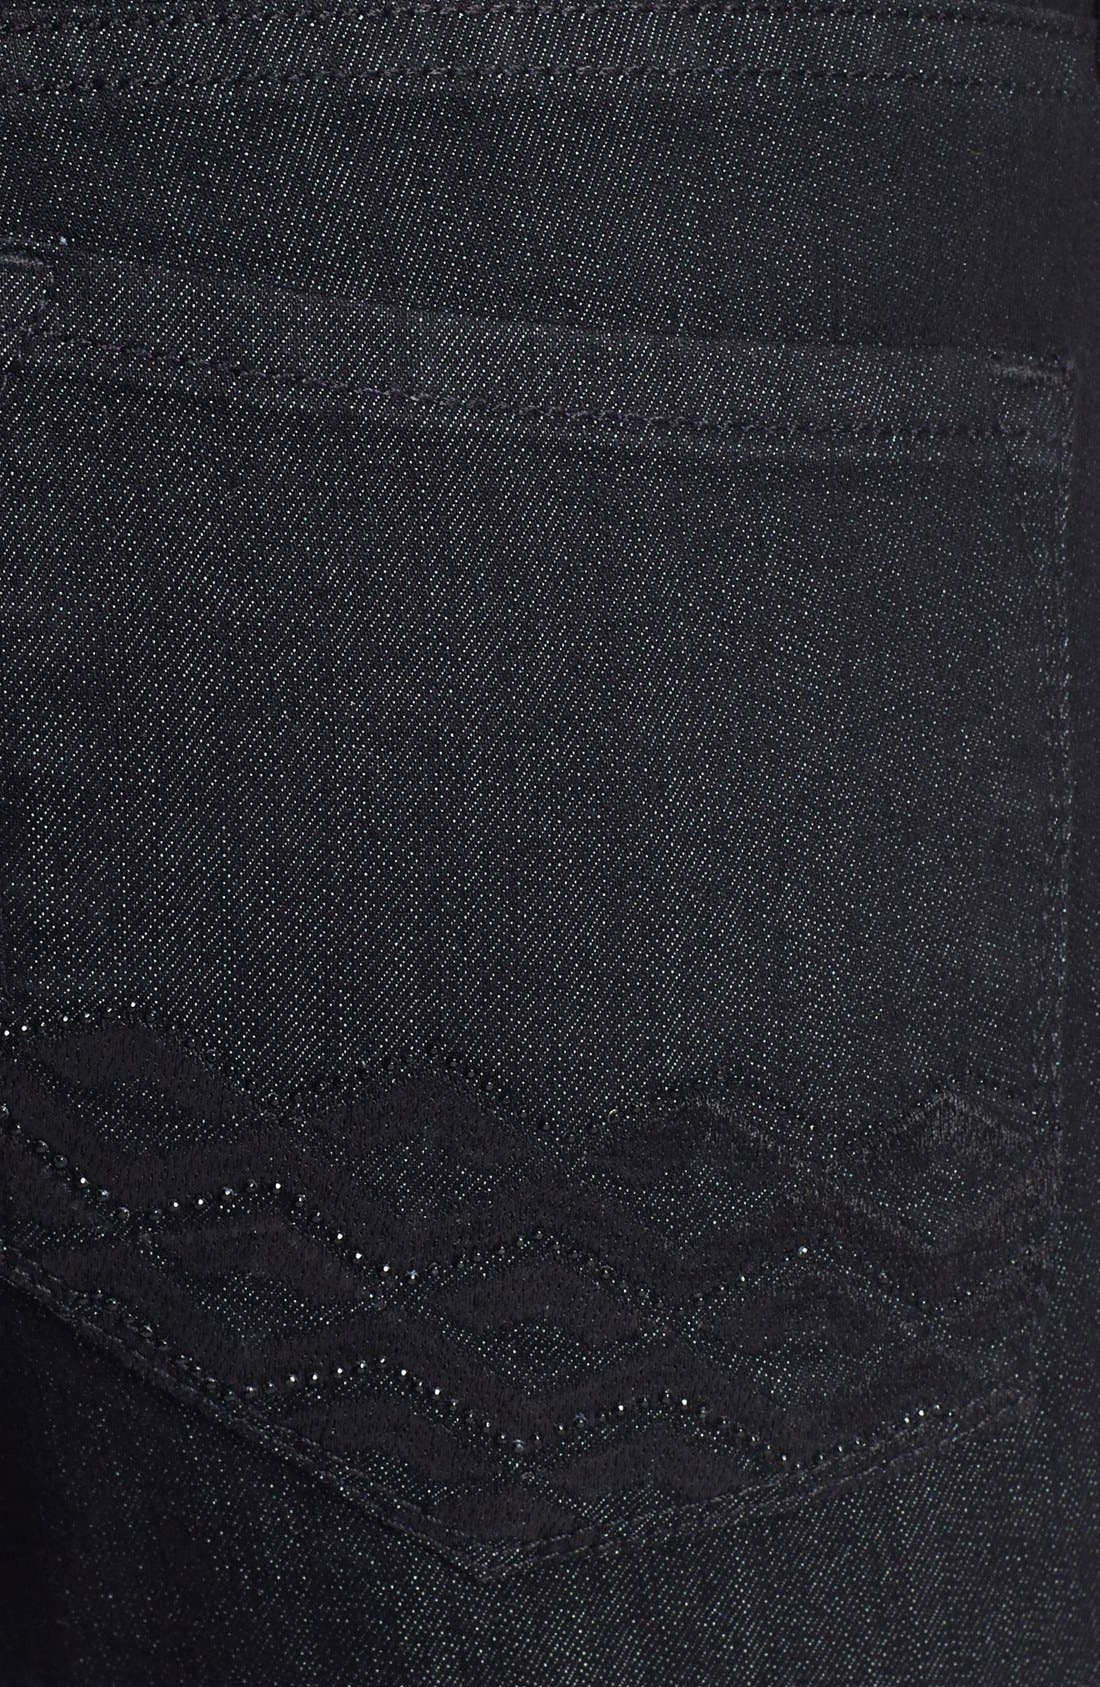 Alternate Image 3  - NYDJ 'Barbara' Embellished Pocket Stretch Bootcut Jeans (Dark Enzyme)